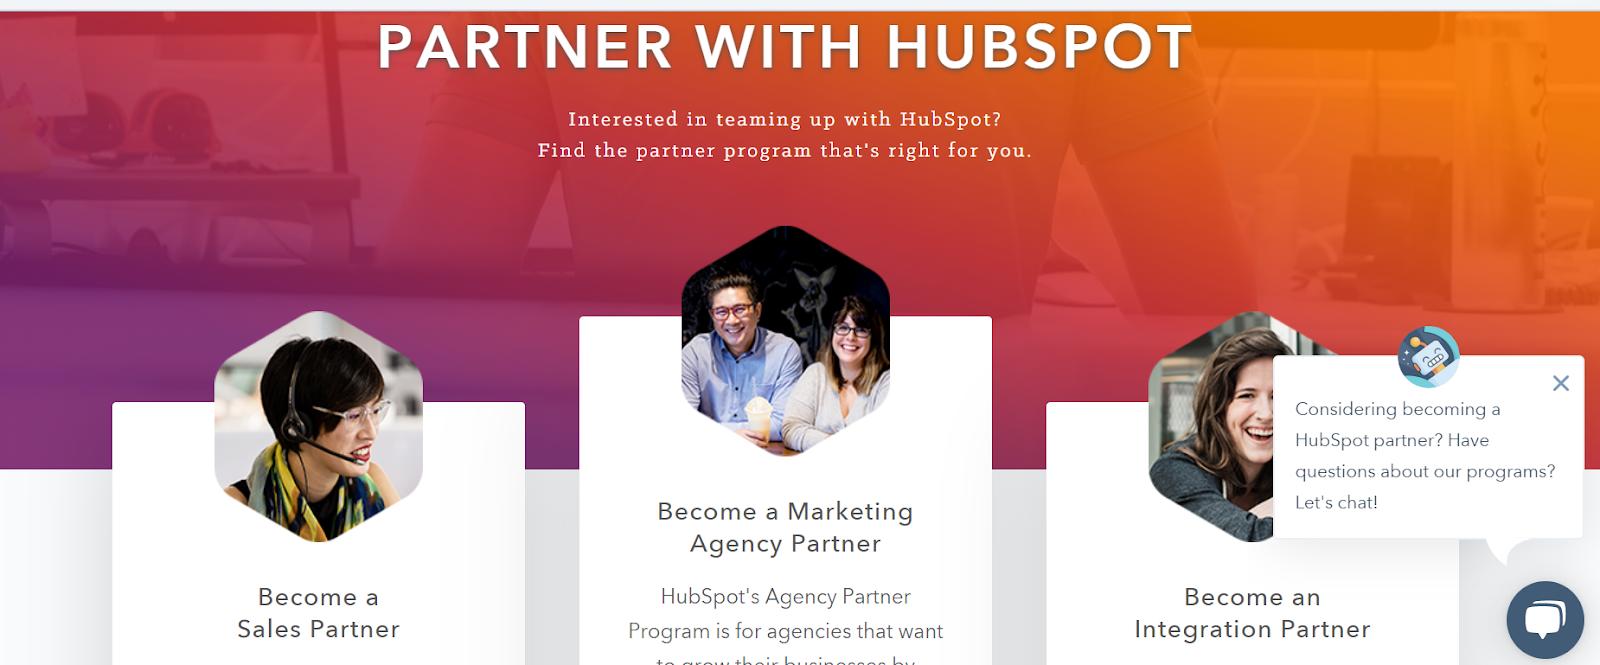 HubSpot-Partners